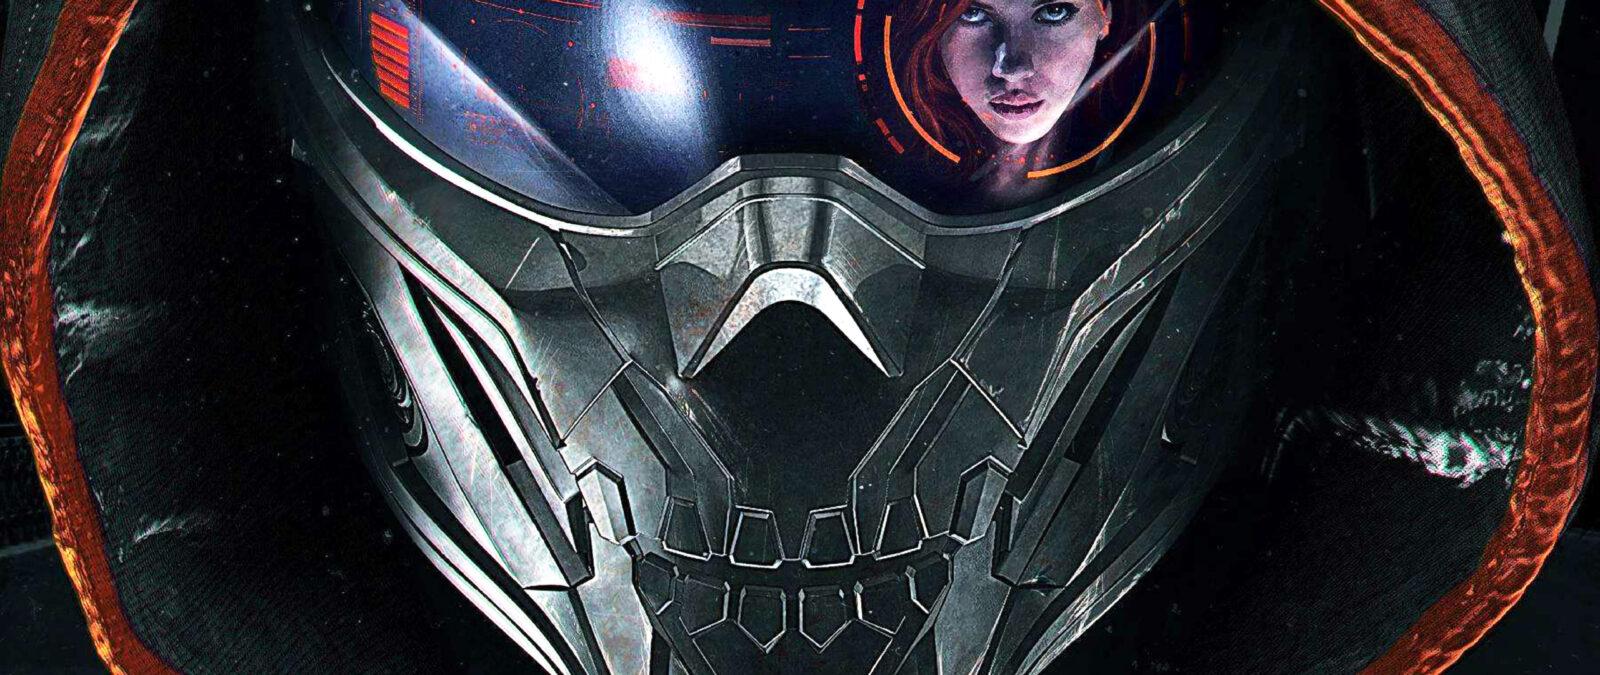 Поклонники Marvel думают о Таскмастере из Черной вдовы после появления новых плакатов